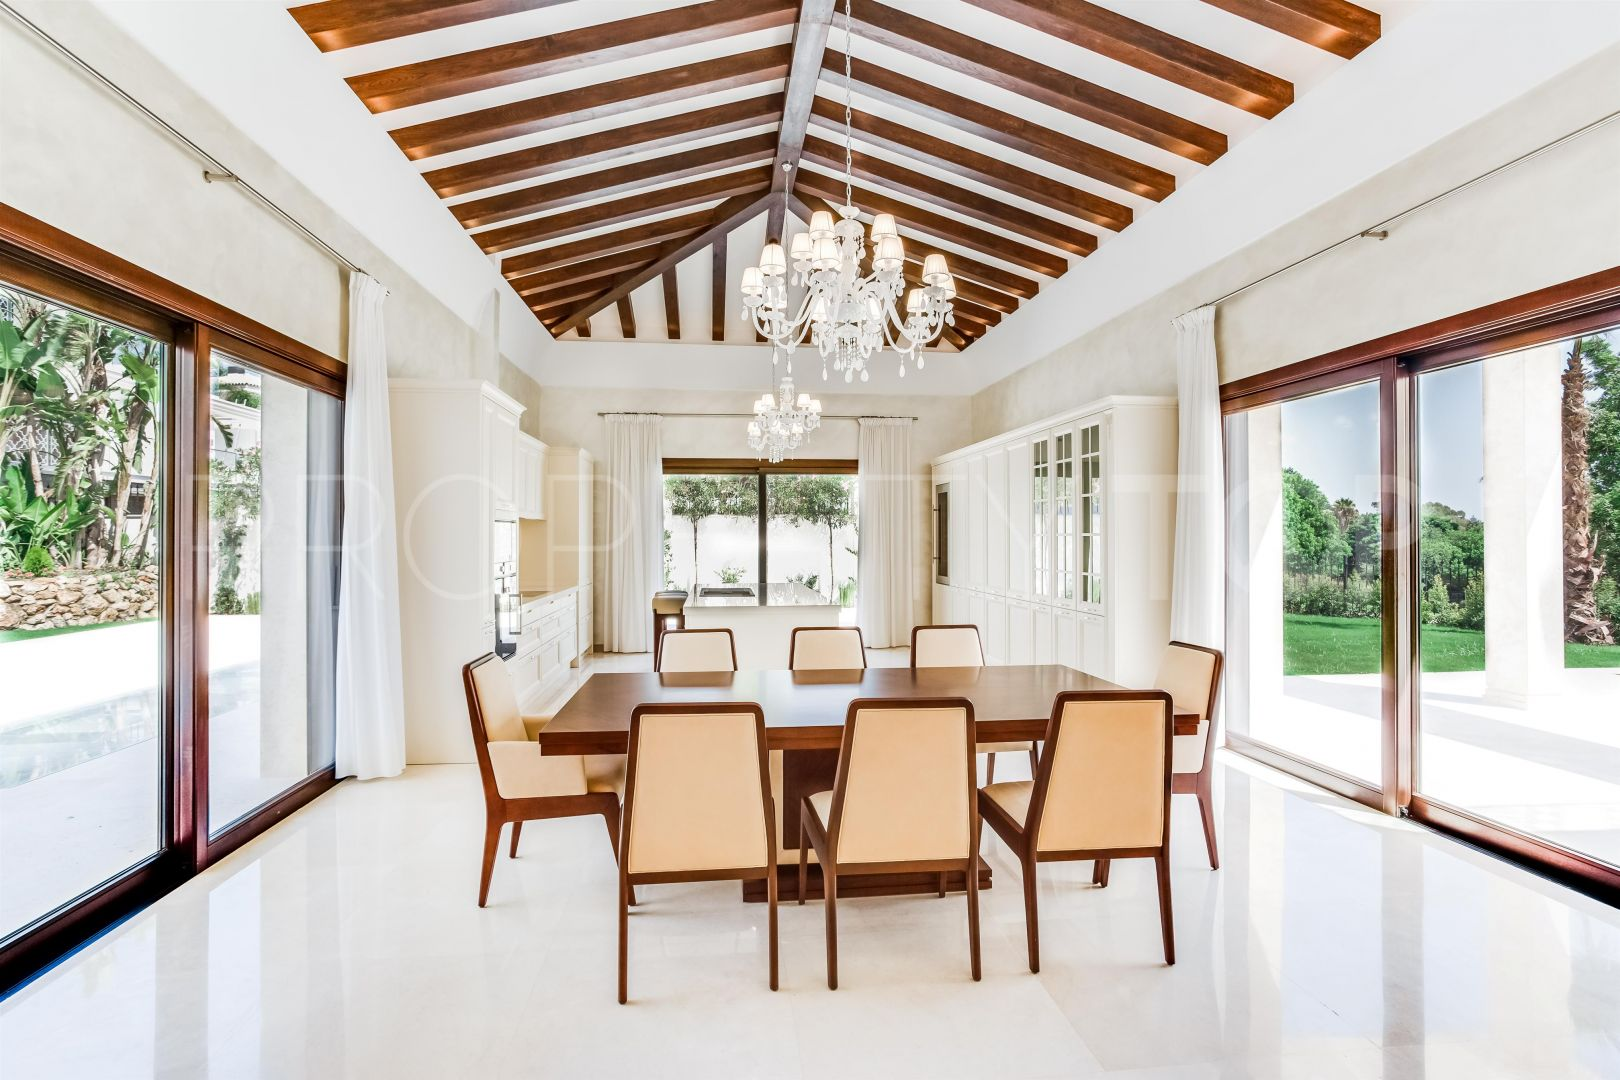 Villa for sale in Los Naranjos Golf, Nueva Andalucia | DM Properties